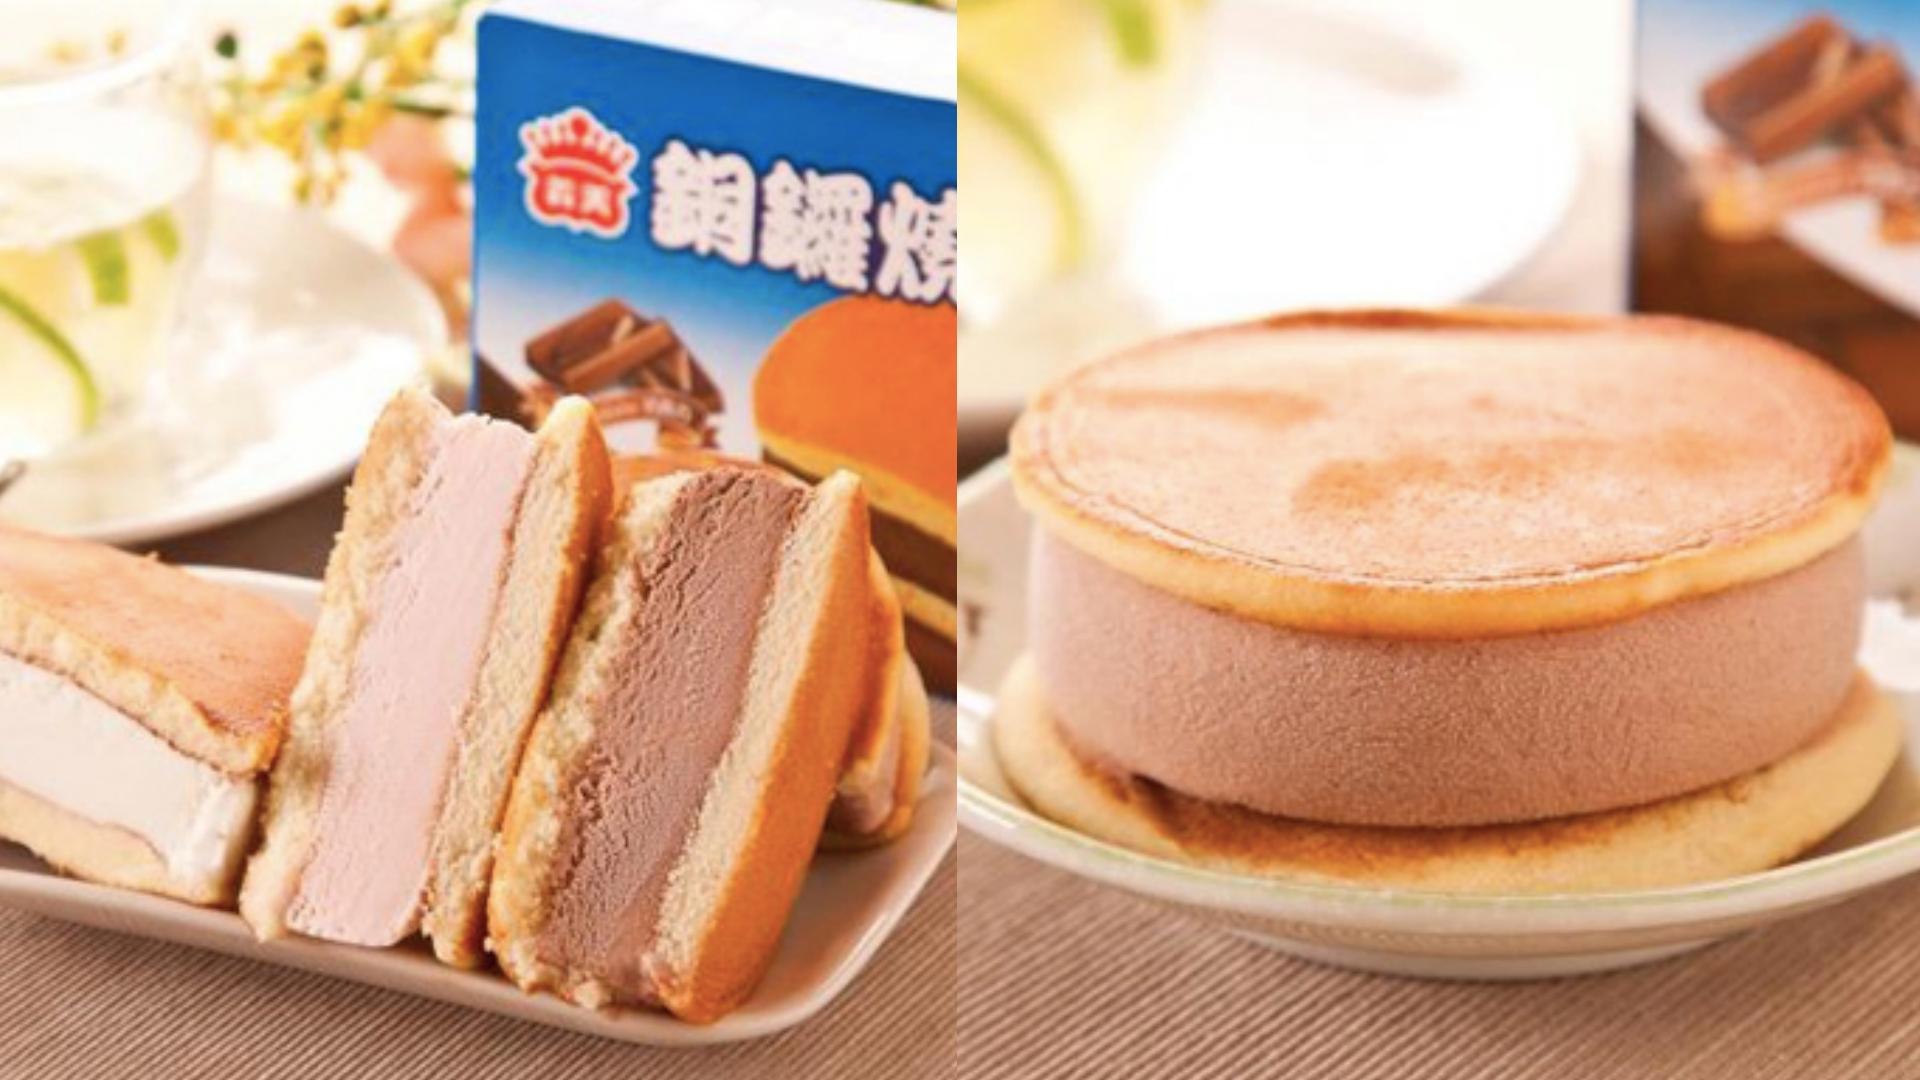 外層柔軟綿密的銅鑼燒、配上裡面香甜冰涼的冰淇淋,可以說是超夢幻的甜點組合,夏天吃一個真的很幸福!